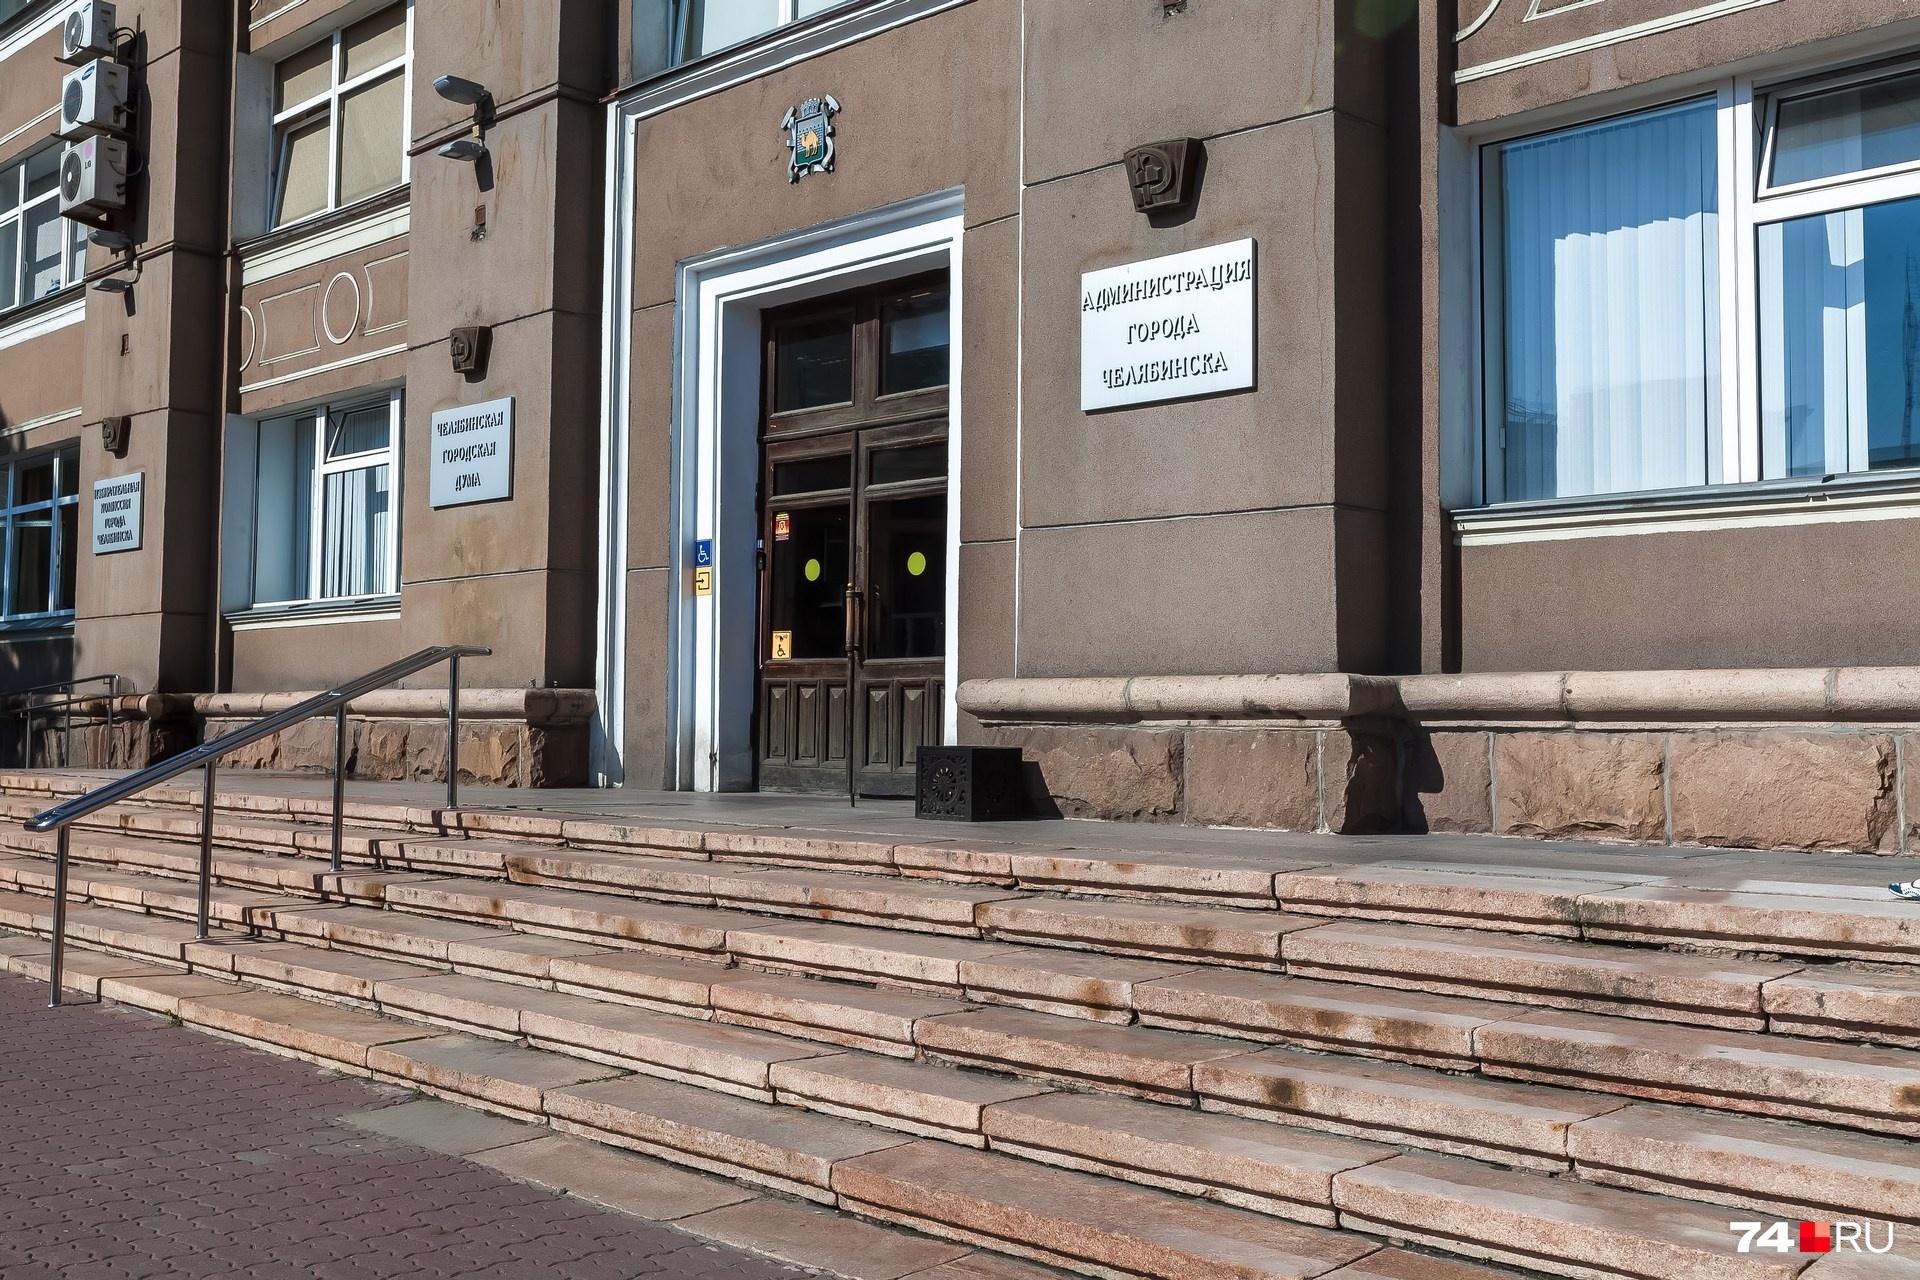 Нового градоначальника в Челябинске выбрали в конце февраля